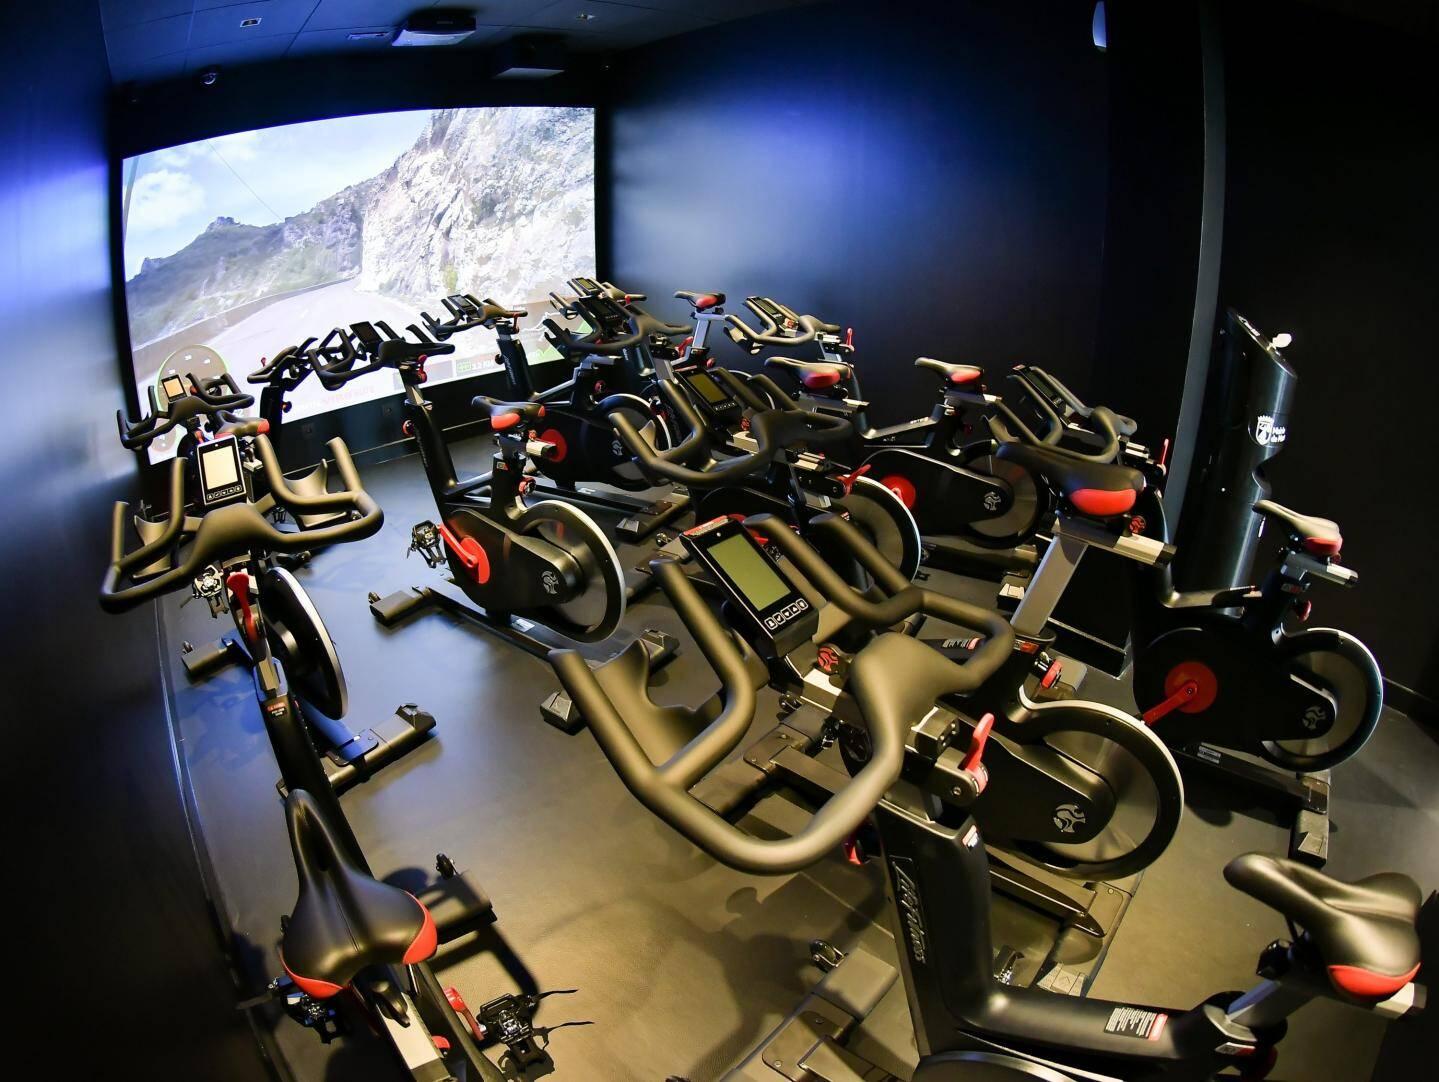 Dans cette salle, les sportifs peuvent transpirer en se donnant l'impression de dévorer l'asphalte. Plus distrayant que le traditionnel miroir !